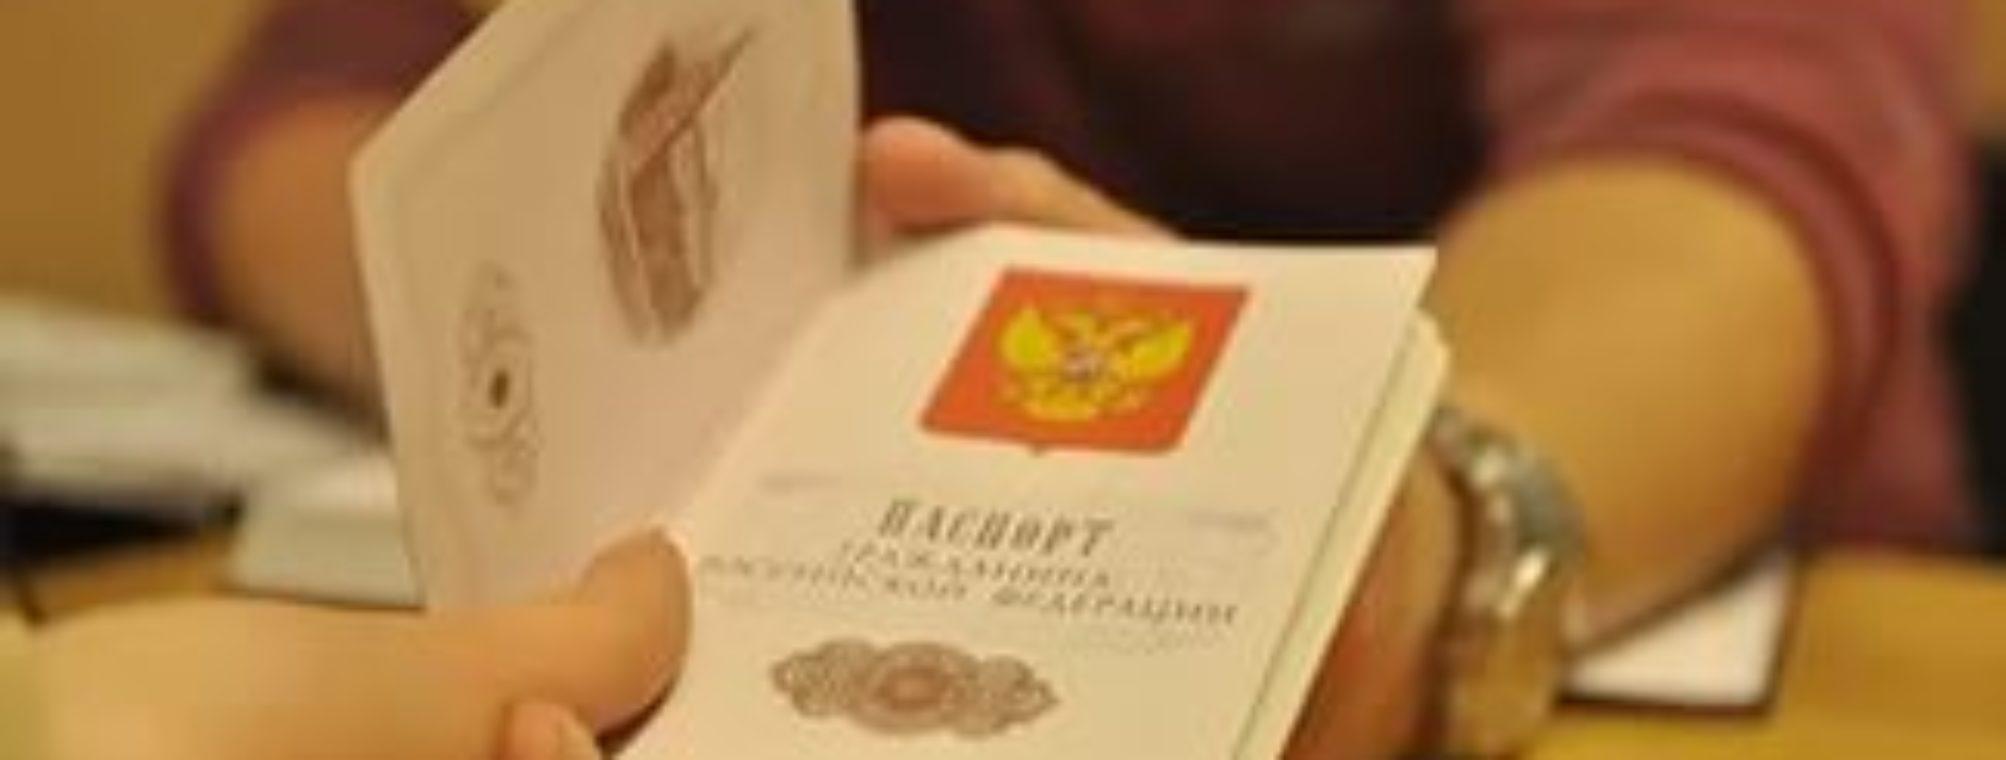 Получения гражданства путем брака в перми фмс